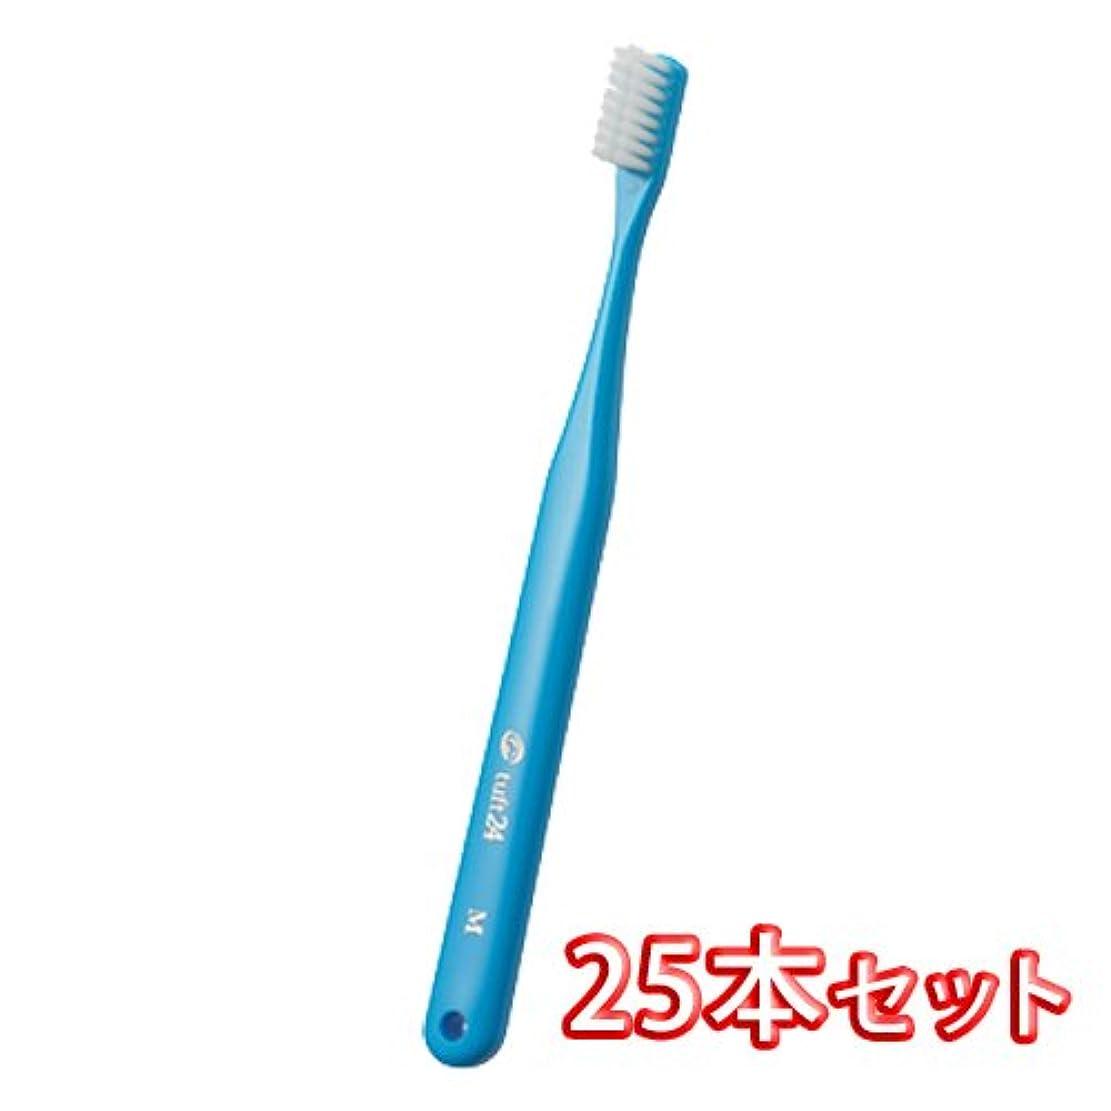 戦術ケープ確保するオーラルケア キャップ付き タフト 24 歯ブラシ 25本入 ミディアムソフト MS (ブルー)